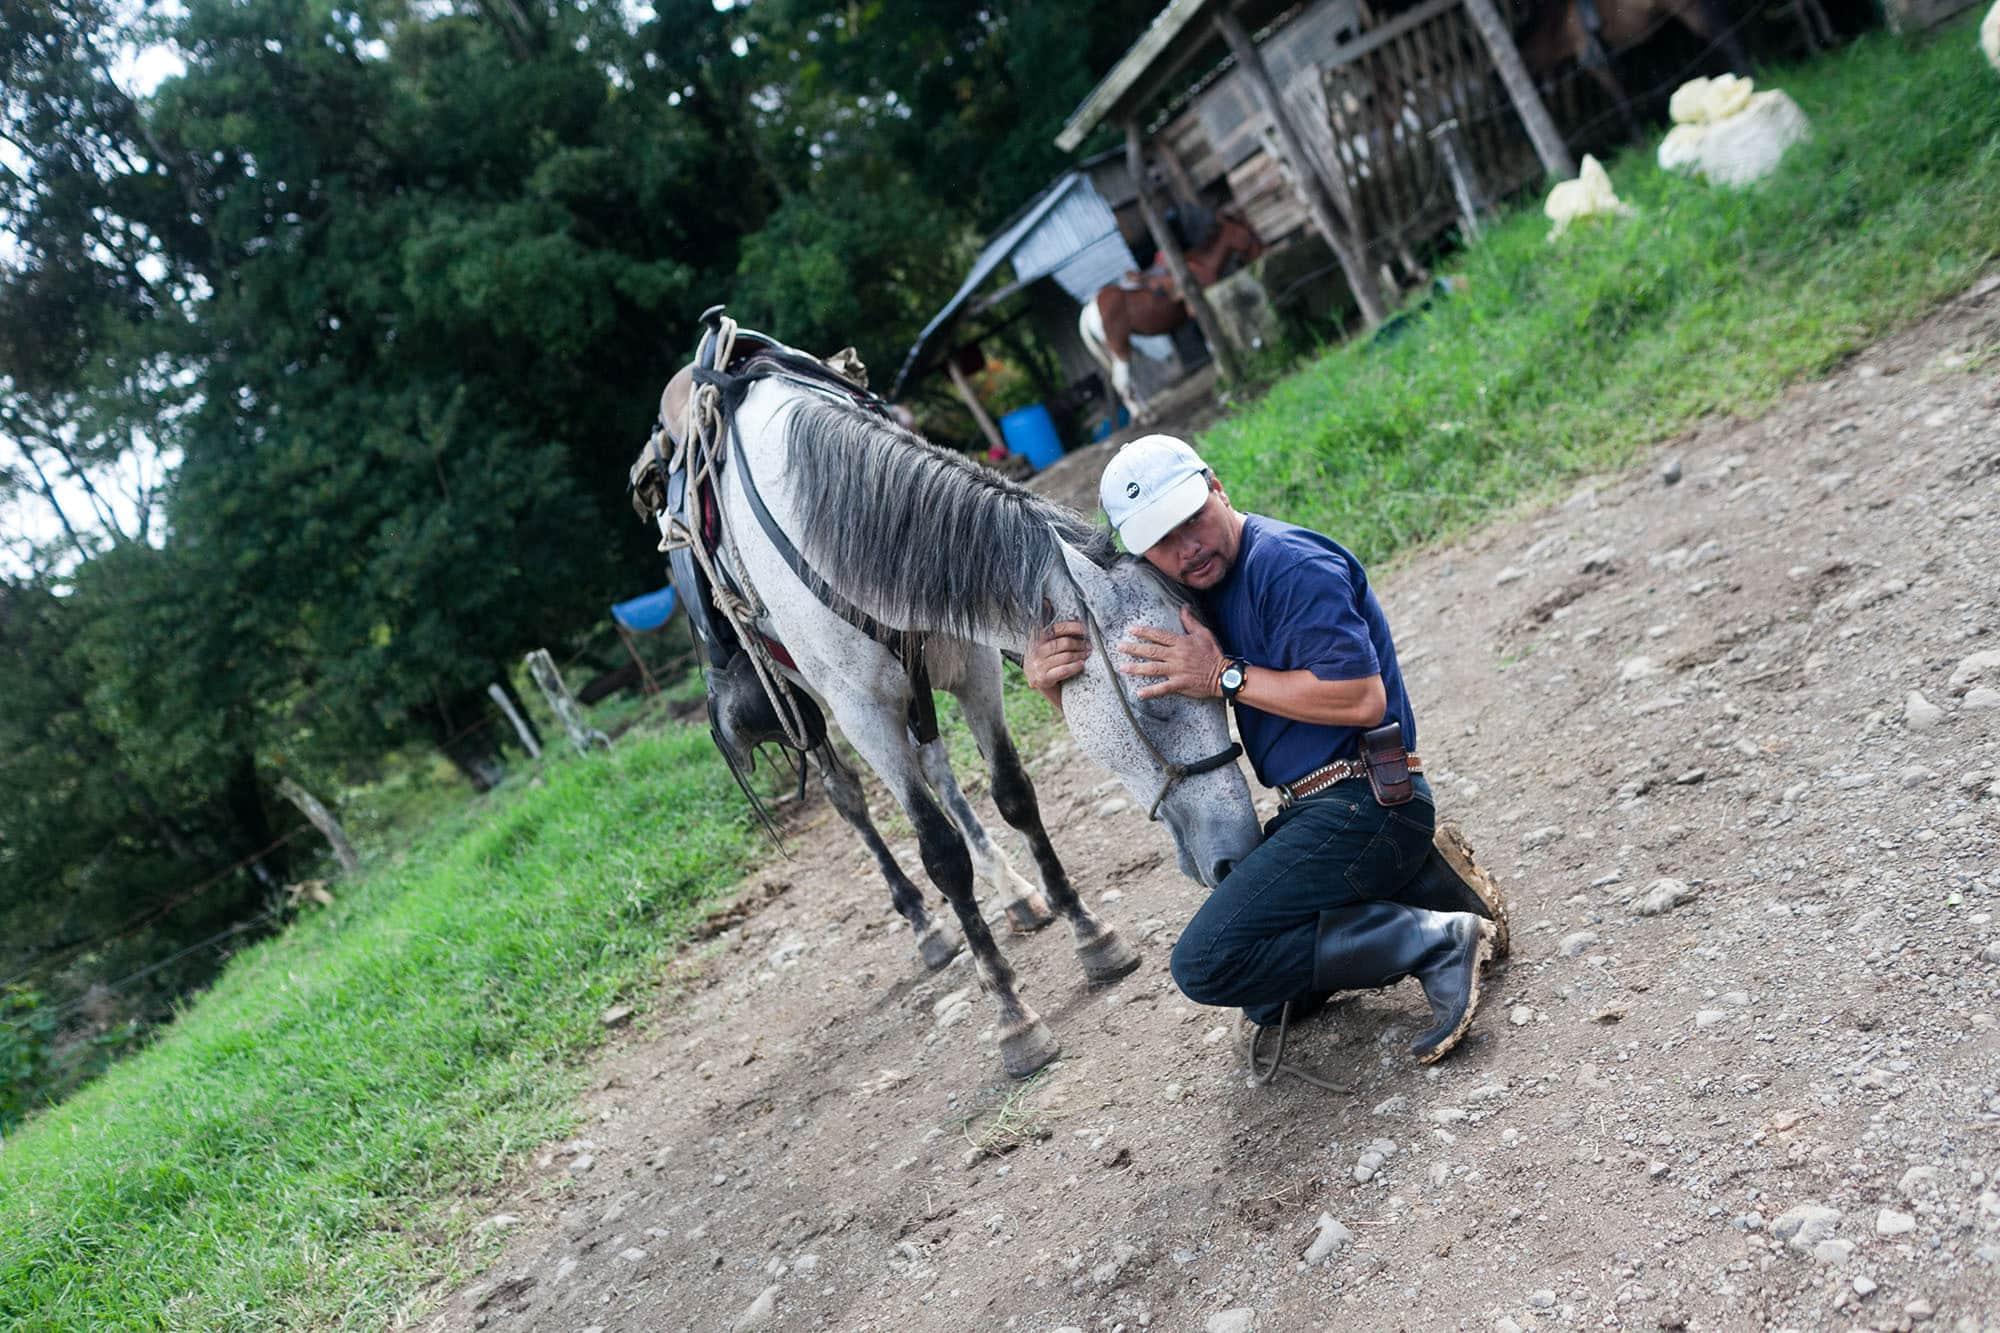 Horseback riding in Monteverde, Costa Rica